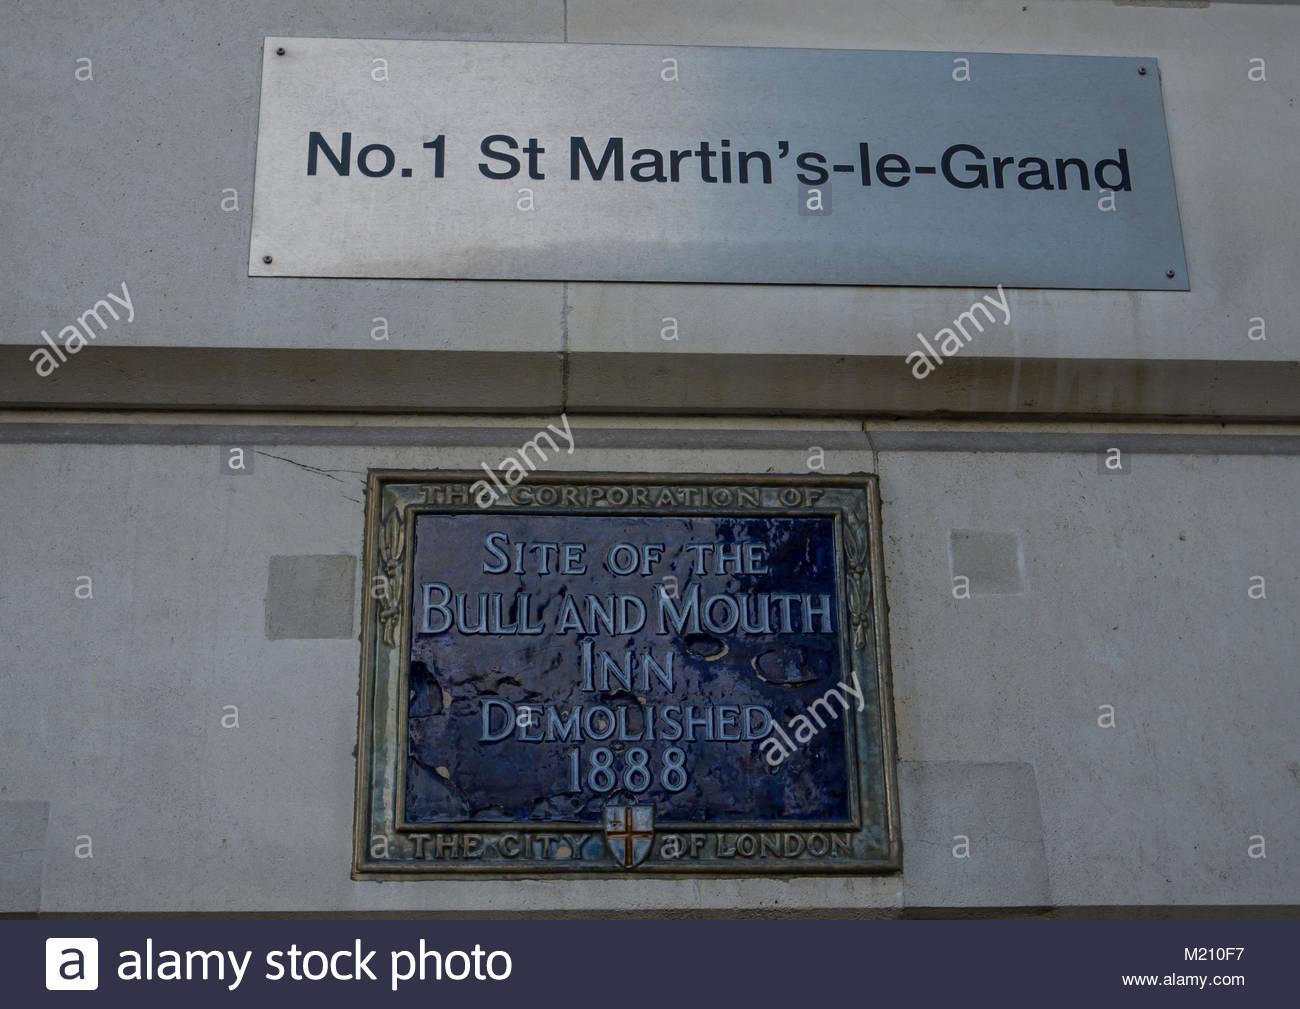 Nr. 1 St Martin's-le-Grand Site des Stieres und Mund Inn abgerissen Stadt 1888 von London England Großbritannien Stockbild